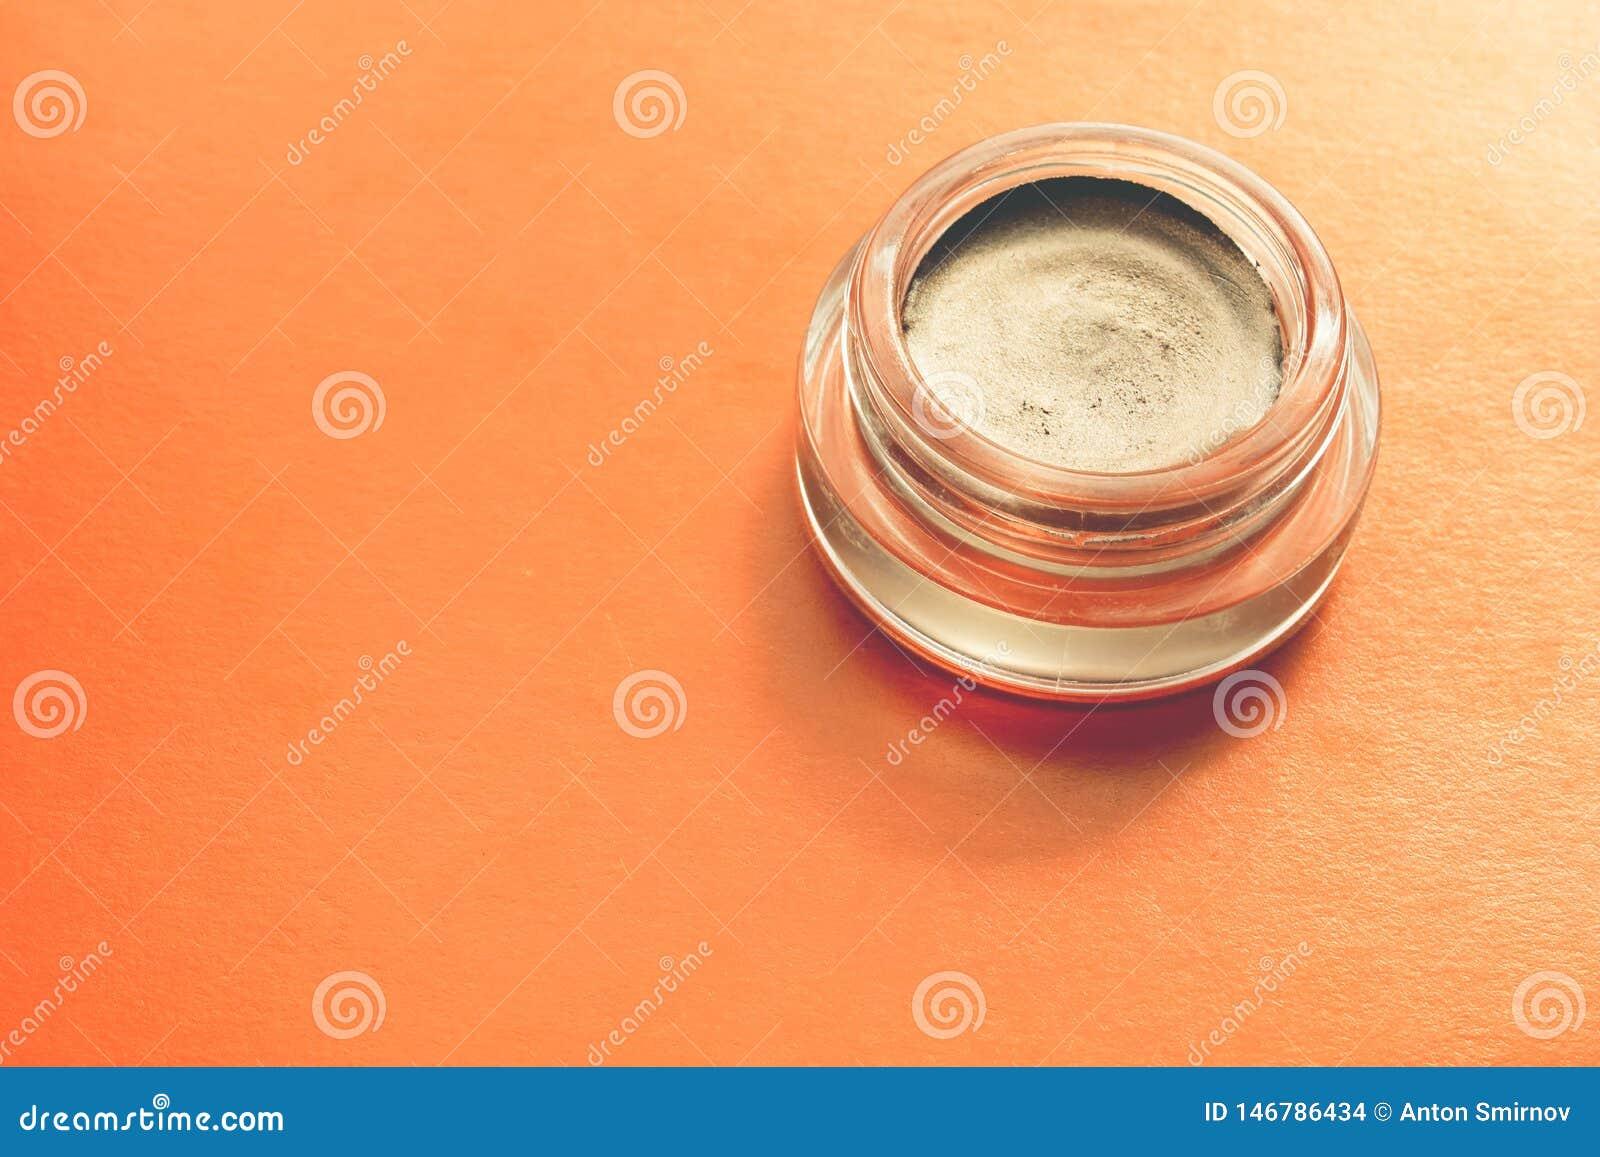 Romige oogschaduw met een metaaleffect in een glaskruik op oranje achtergrond